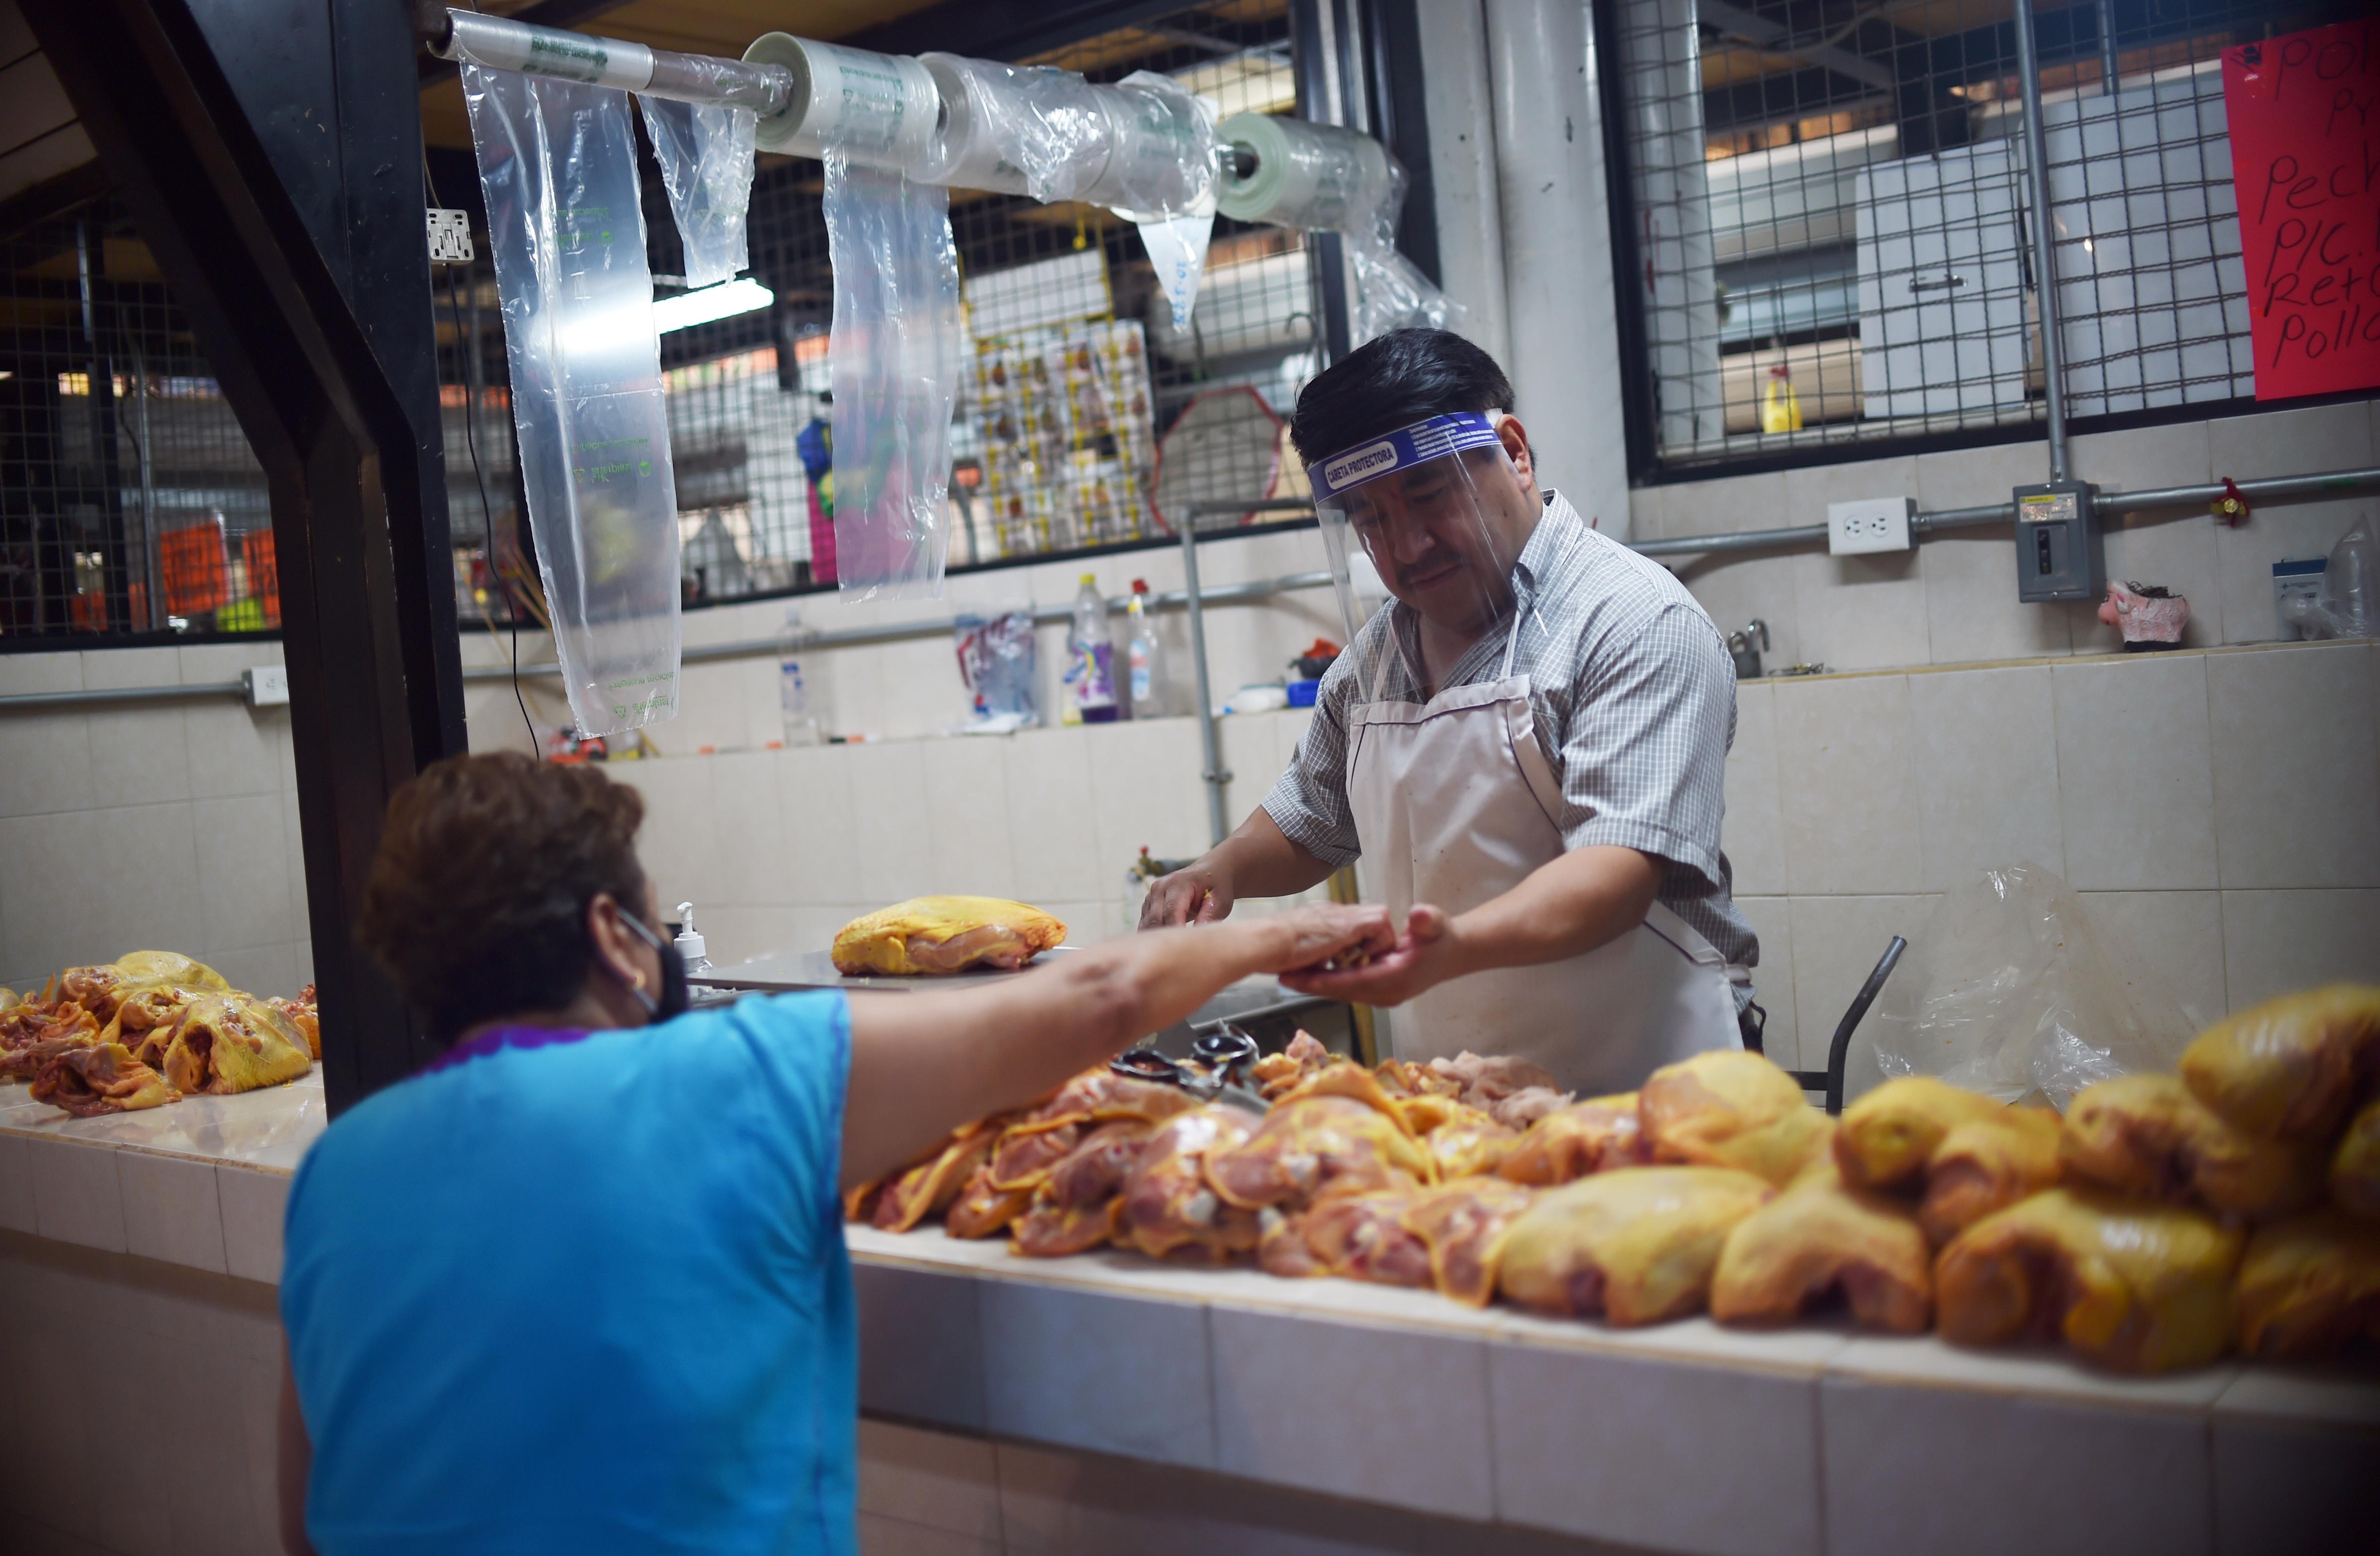 Un vendedor de pollo atiende a un cliente en un mercado popular en la Ciudad de México el 29 de junio de 2020. (Foto: RODRIGO ARANGUA / AFP)